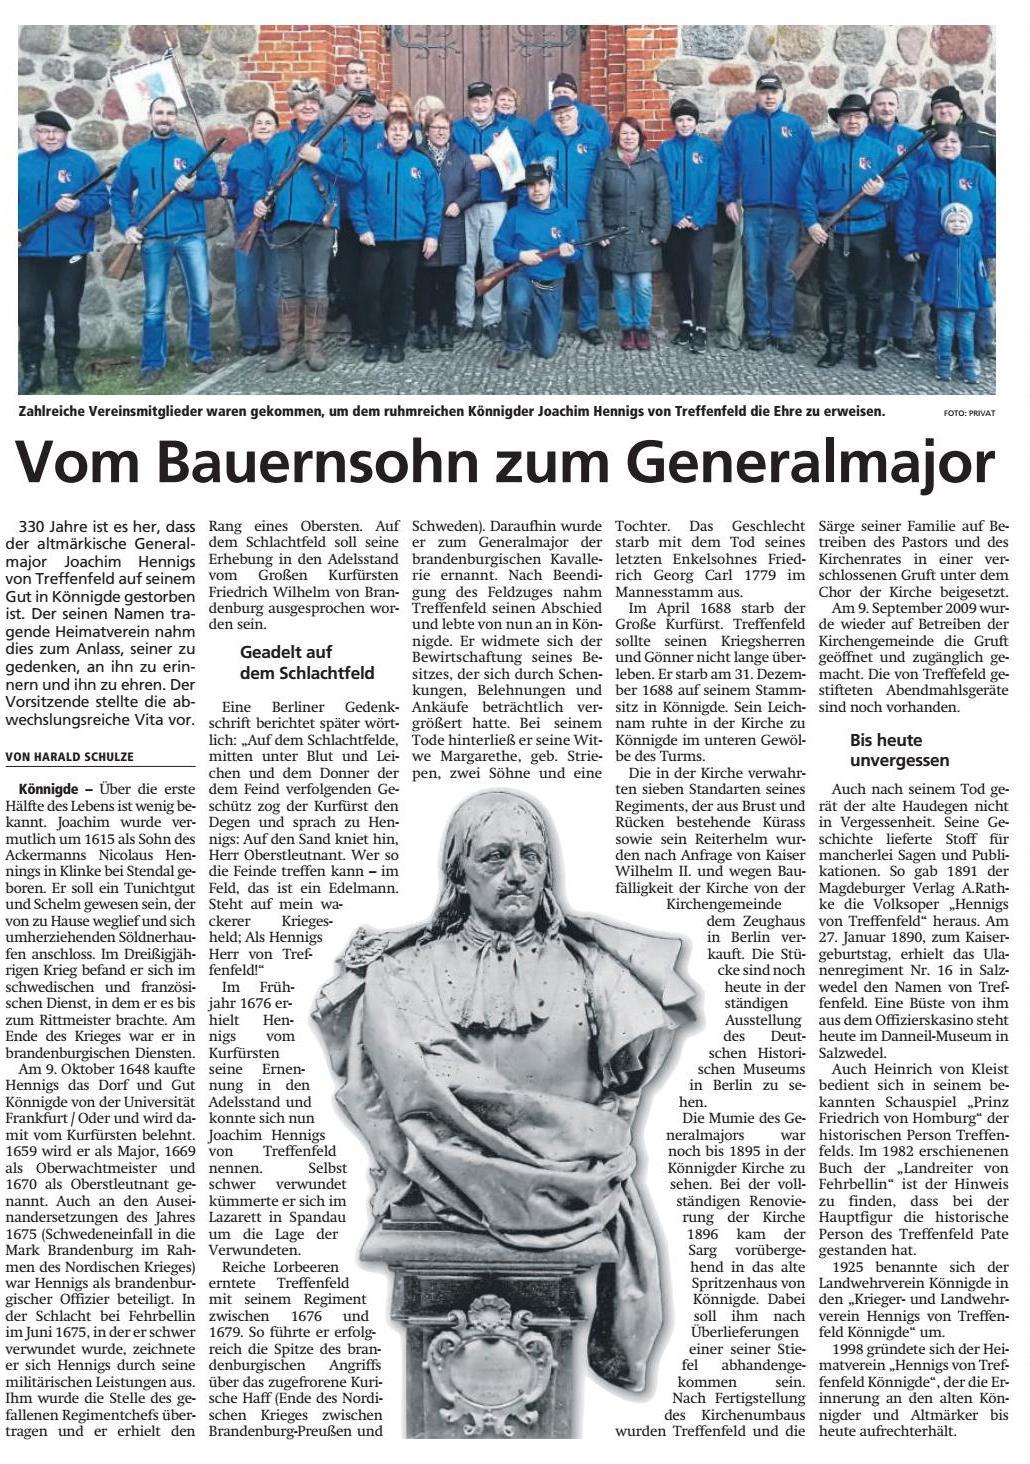 Altmark-Zeitung vom 05.01.2019, von Harald Schulze